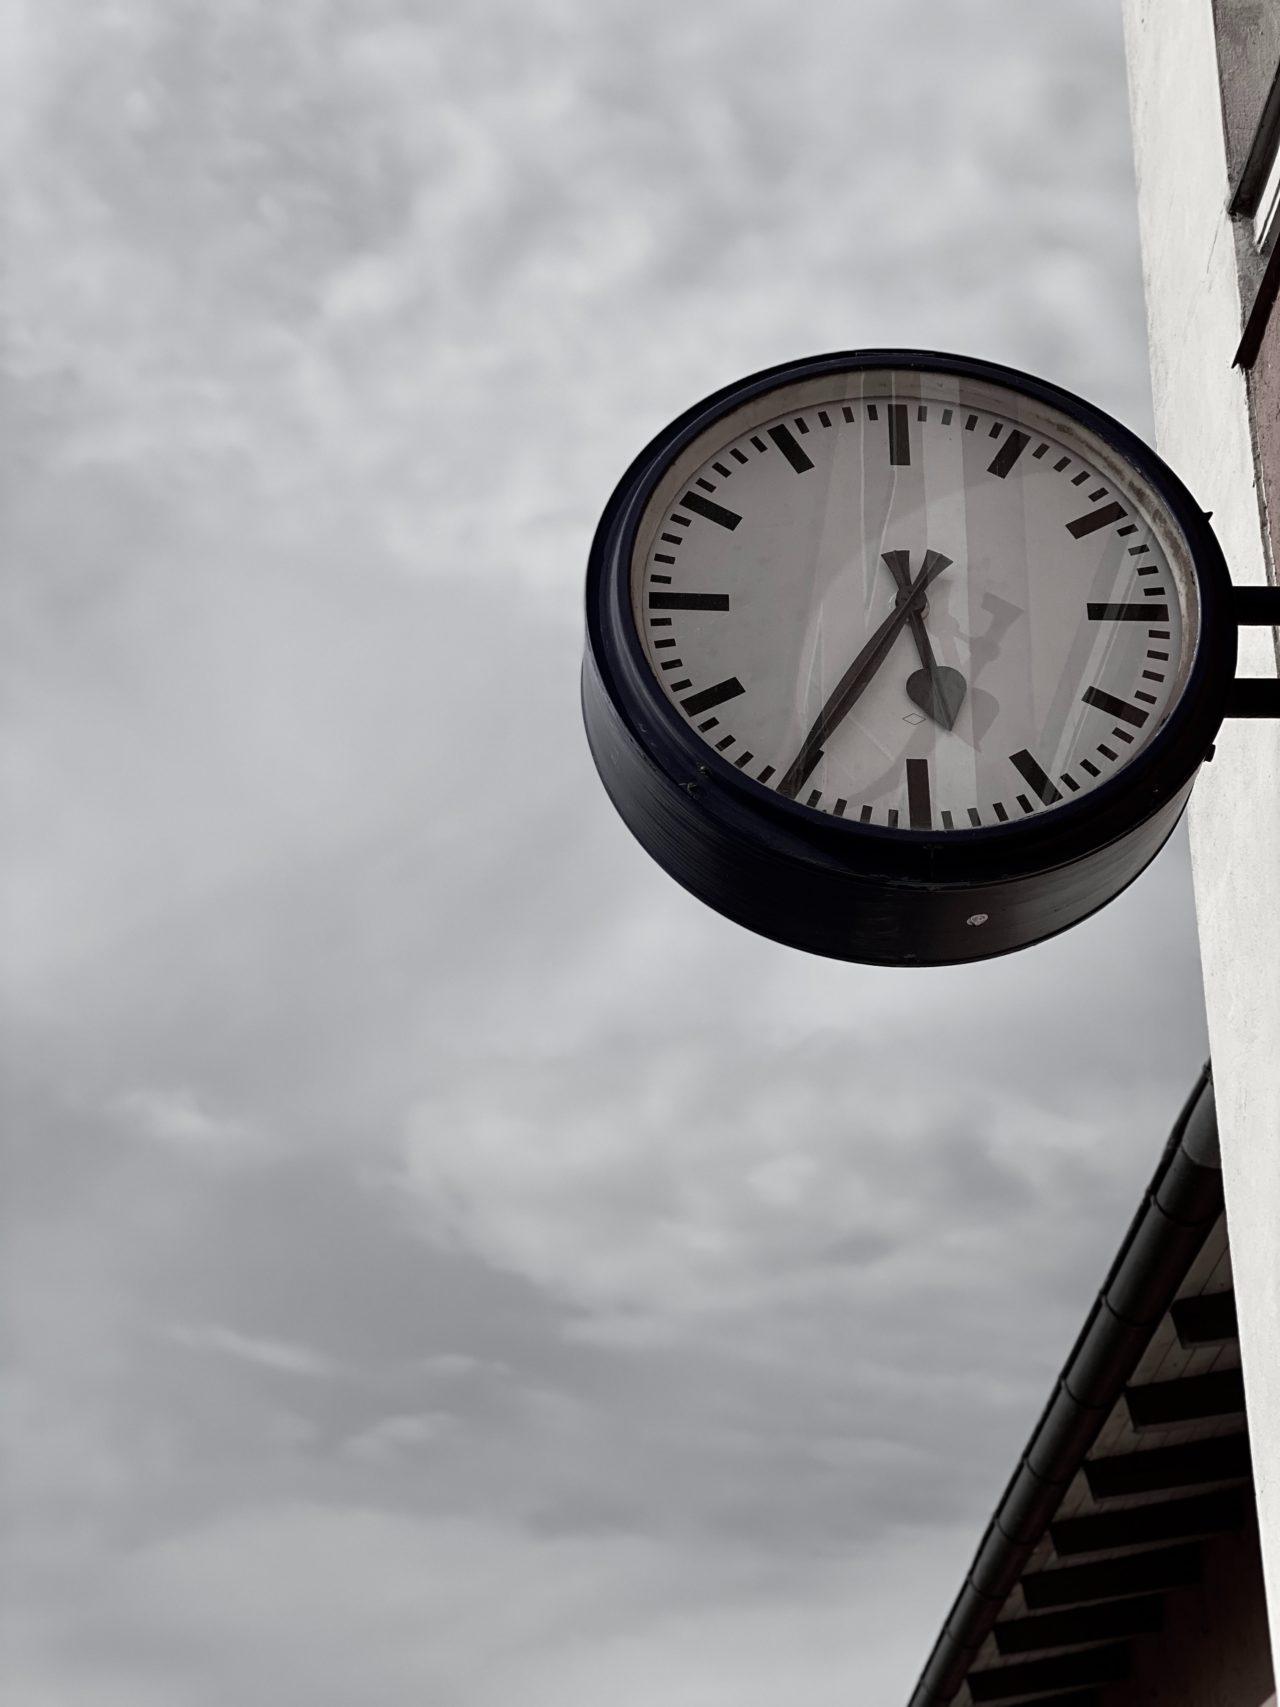 Schwarz-weiß-Fotografie einer Bahnhofsuhr vor wolkigem Himmel.